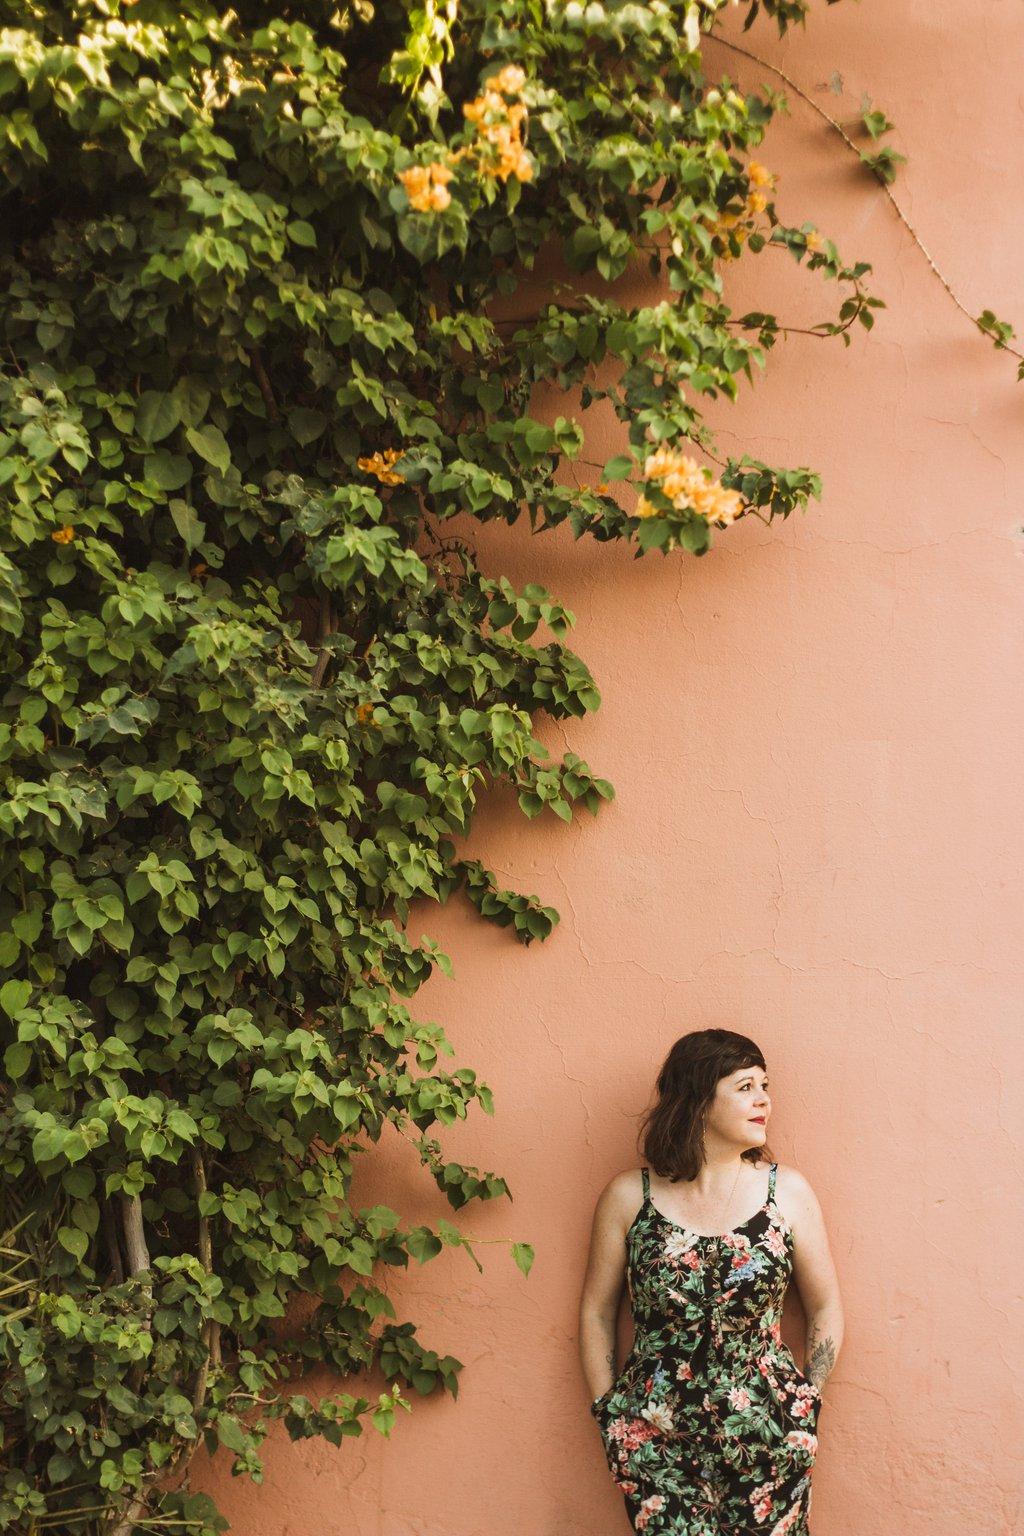 Ilyass's Portfolio - Image 7